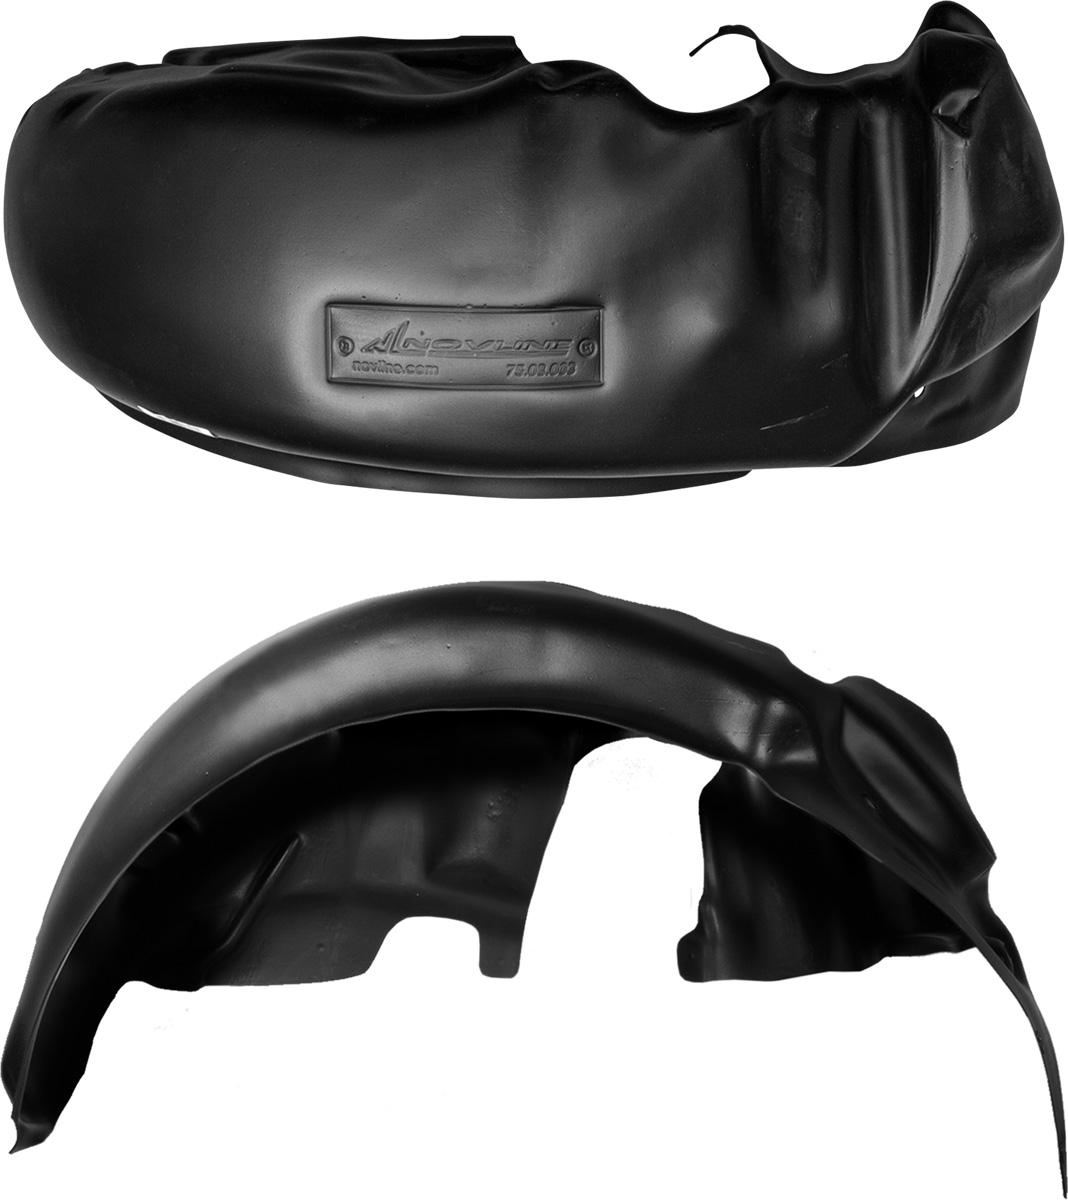 Подкрылок LIFAN X-60, 2012->, передний левый5104Колесные ниши – одни из самых уязвимых зон днища вашего автомобиля. Они постоянно подвергаются воздействию со стороны дороги. Лучшая, почти абсолютная защита для них - специально отформованные пластиковые кожухи, которые называются подкрылками, или локерами. Производятся они как для отечественных моделей автомобилей, так и для иномарок. Подкрылки выполнены из высококачественного, экологически чистого пластика. Обеспечивают надежную защиту кузова автомобиля от пескоструйного эффекта и негативного влияния, агрессивных антигололедных реагентов. Пластик обладает более низкой теплопроводностью, чем металл, поэтому в зимний период эксплуатации использование пластиковых подкрылков позволяет лучше защитить колесные ниши от налипания снега и образования наледи. Оригинальность конструкции подчеркивает элегантность автомобиля, бережно защищает нанесенное на днище кузова антикоррозийное покрытие и позволяет осуществить крепление подкрылков внутри колесной арки практически без дополнительного крепежа и сверления, не нарушая при этом лакокрасочного покрытия, что предотвращает возникновение новых очагов коррозии. Технология крепления подкрылков на иномарки принципиально отличается от крепления на российские автомобили и разрабатывается индивидуально для каждой модели автомобиля. Подкрылки долговечны, обладают высокой прочностью и сохраняют заданную форму, а также все свои физико-механические характеристики в самых тяжелых климатических условиях ( от -50° С до + 50° С).